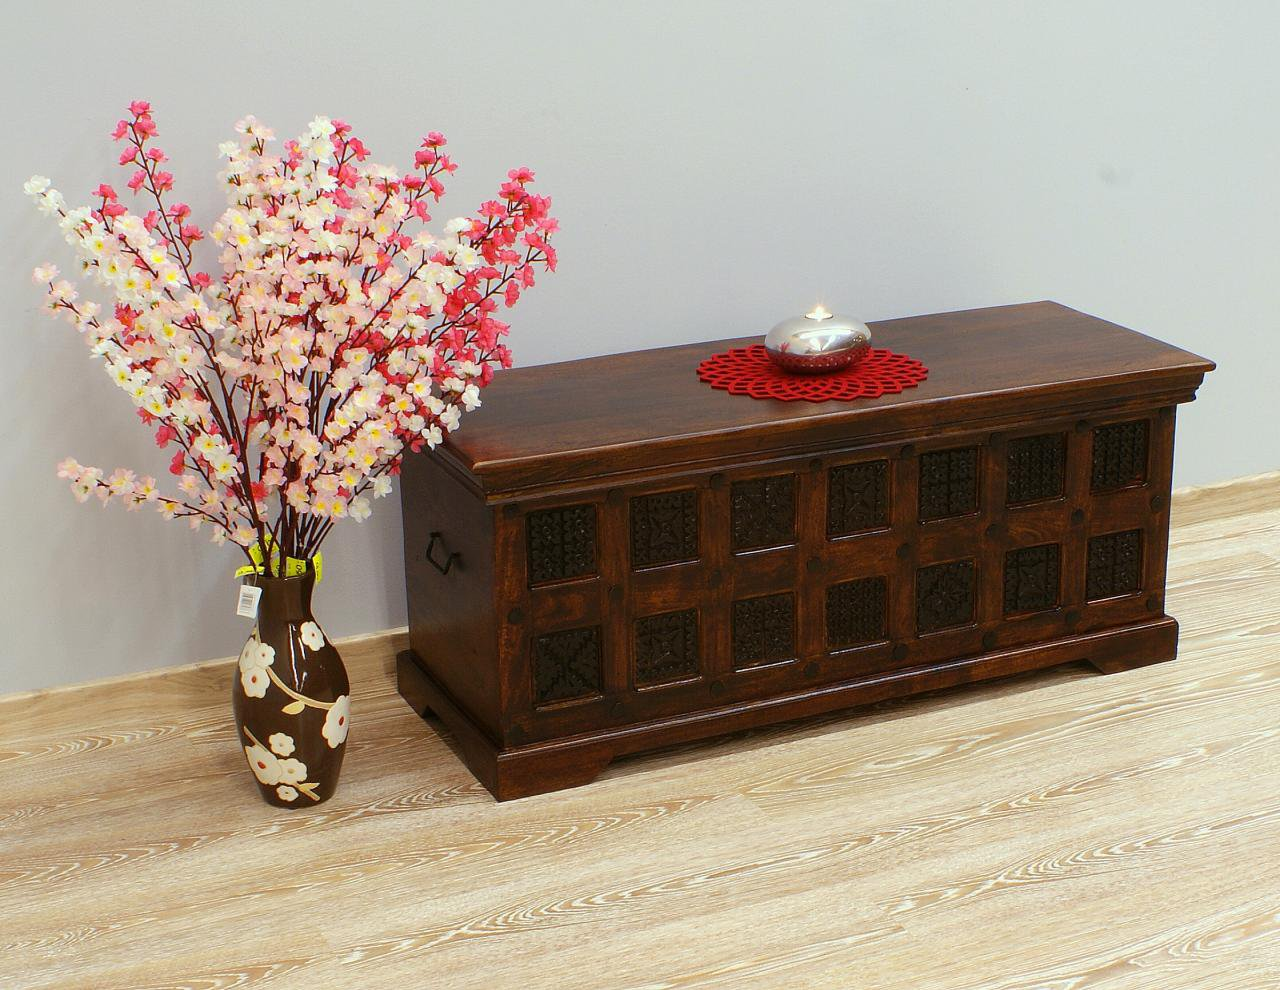 Kufer kolonialny lite drewno akacja indyjska ręcznie rzeźbiony masywny